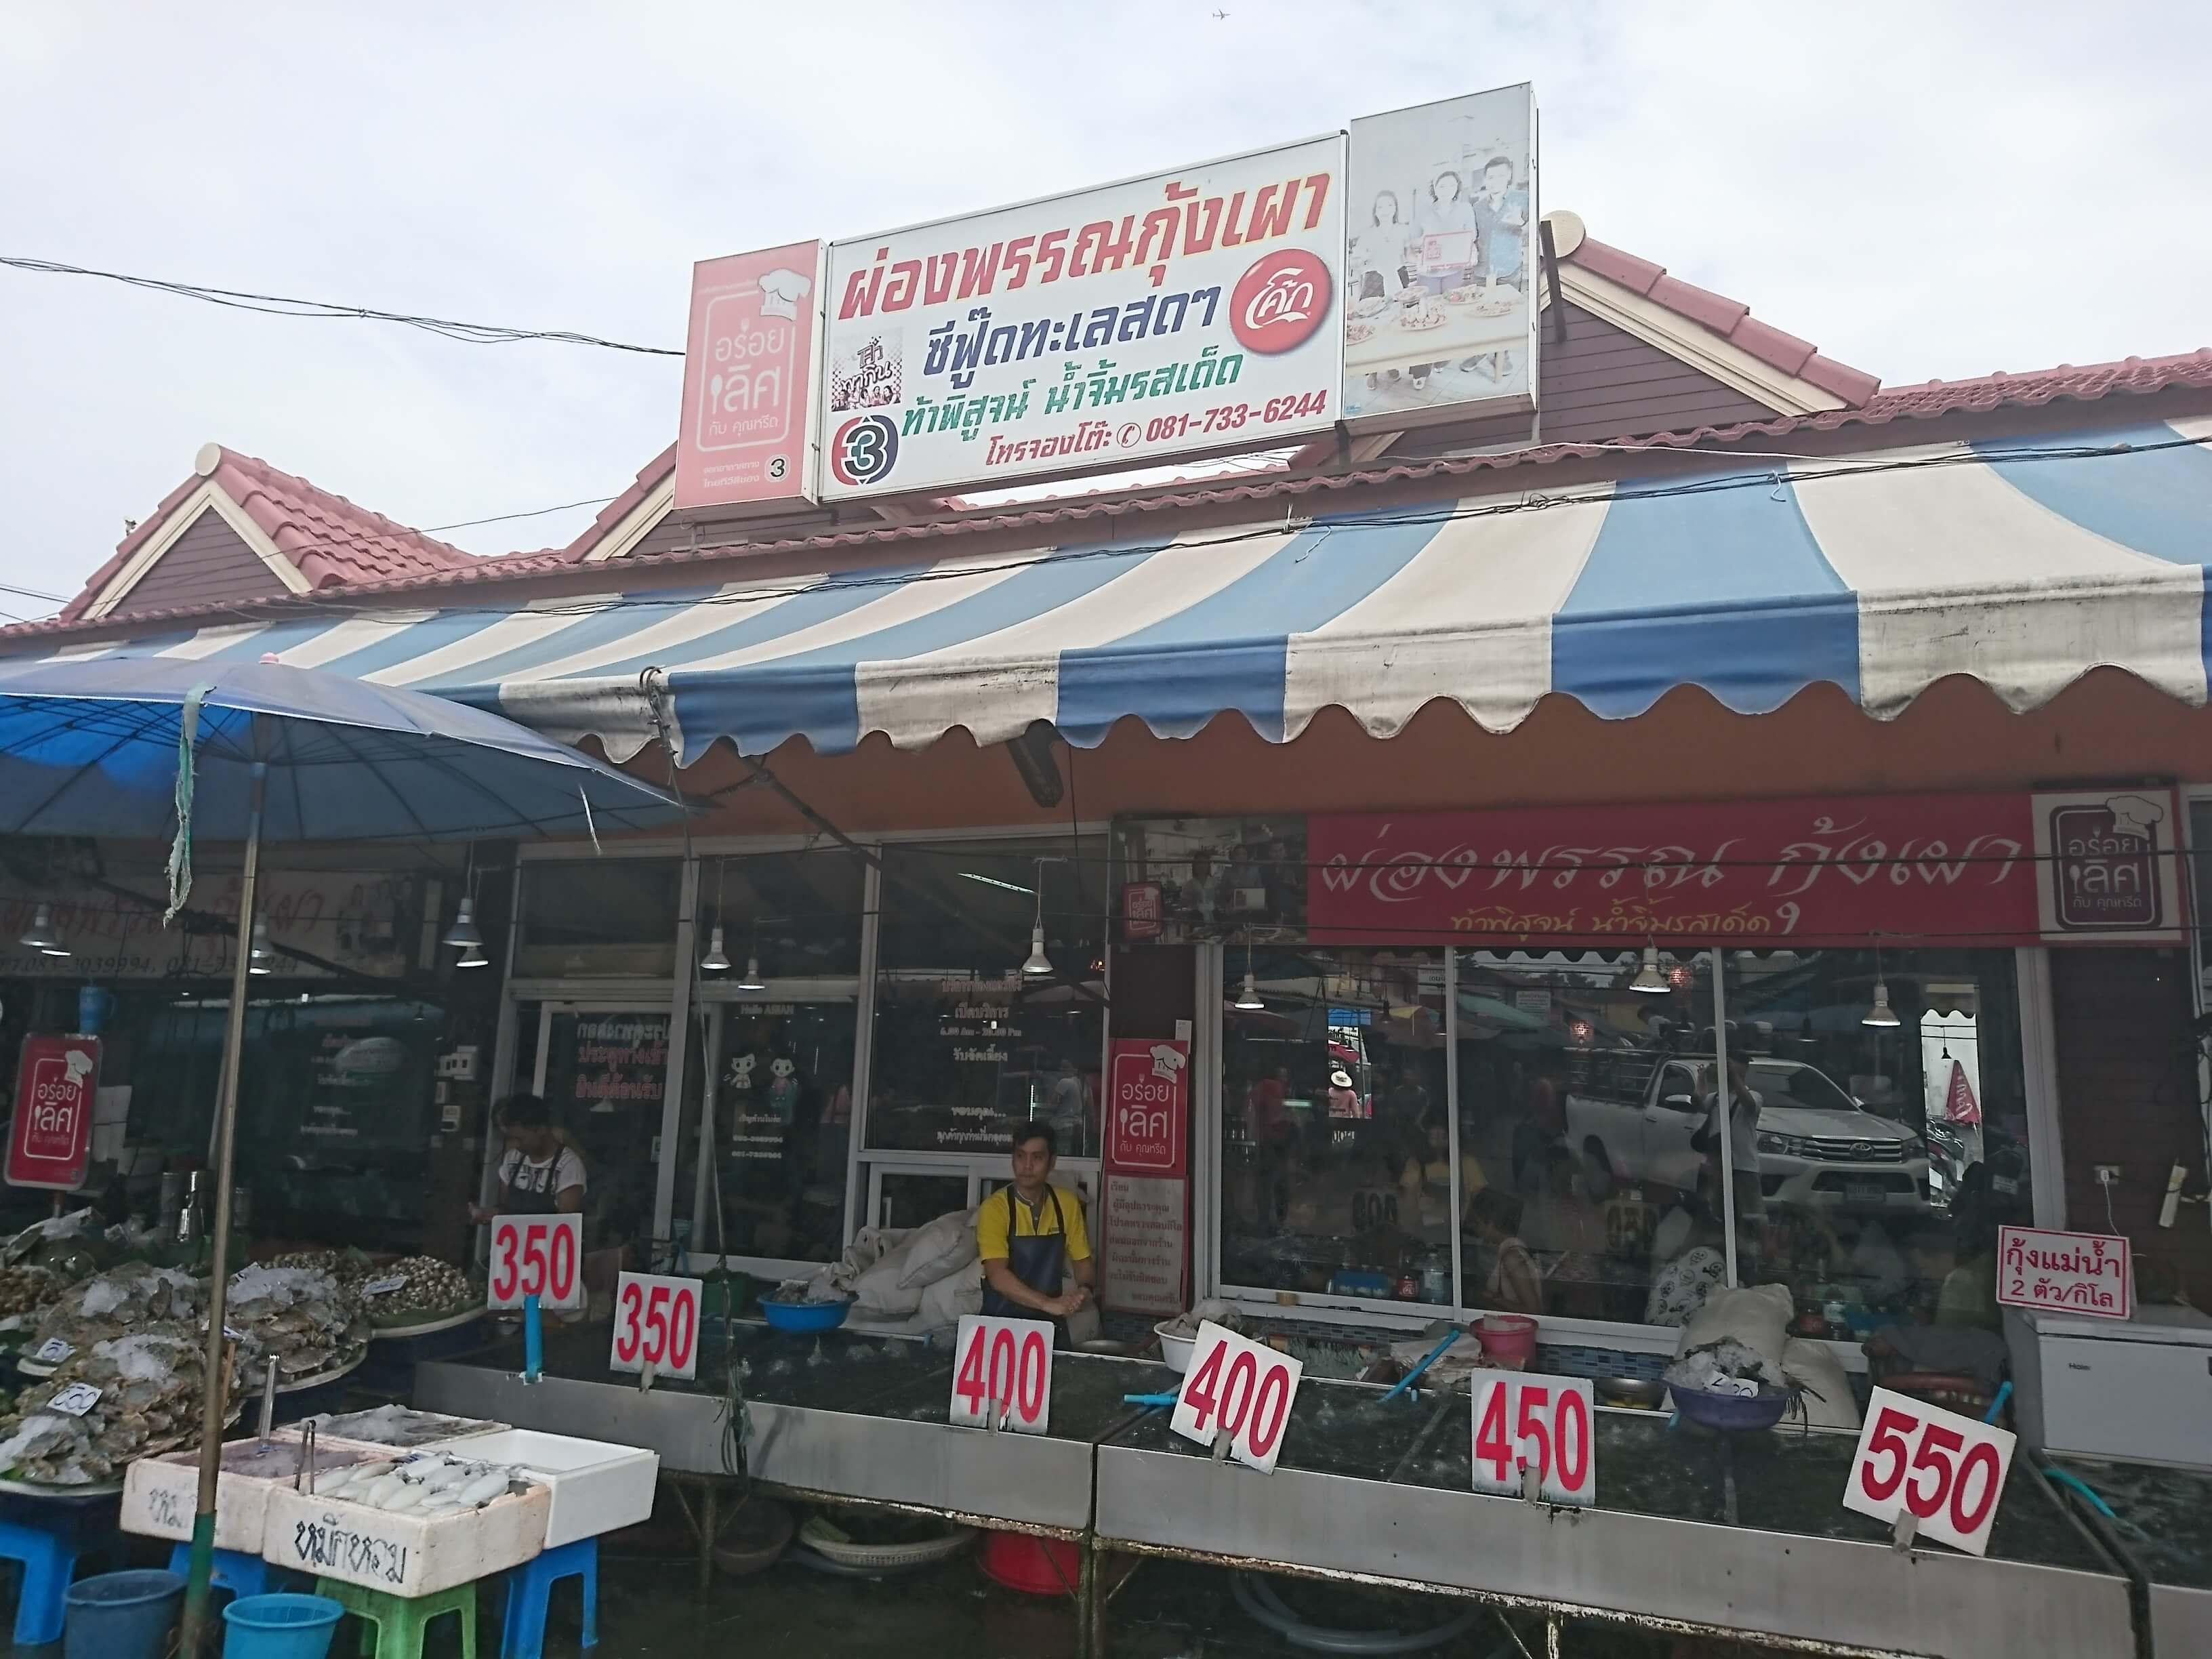 アユタヤで「クンパオ(焼きえび)」をガッツリ安く食べるならココ!「Restaurant Phongphan (ポンパン)」